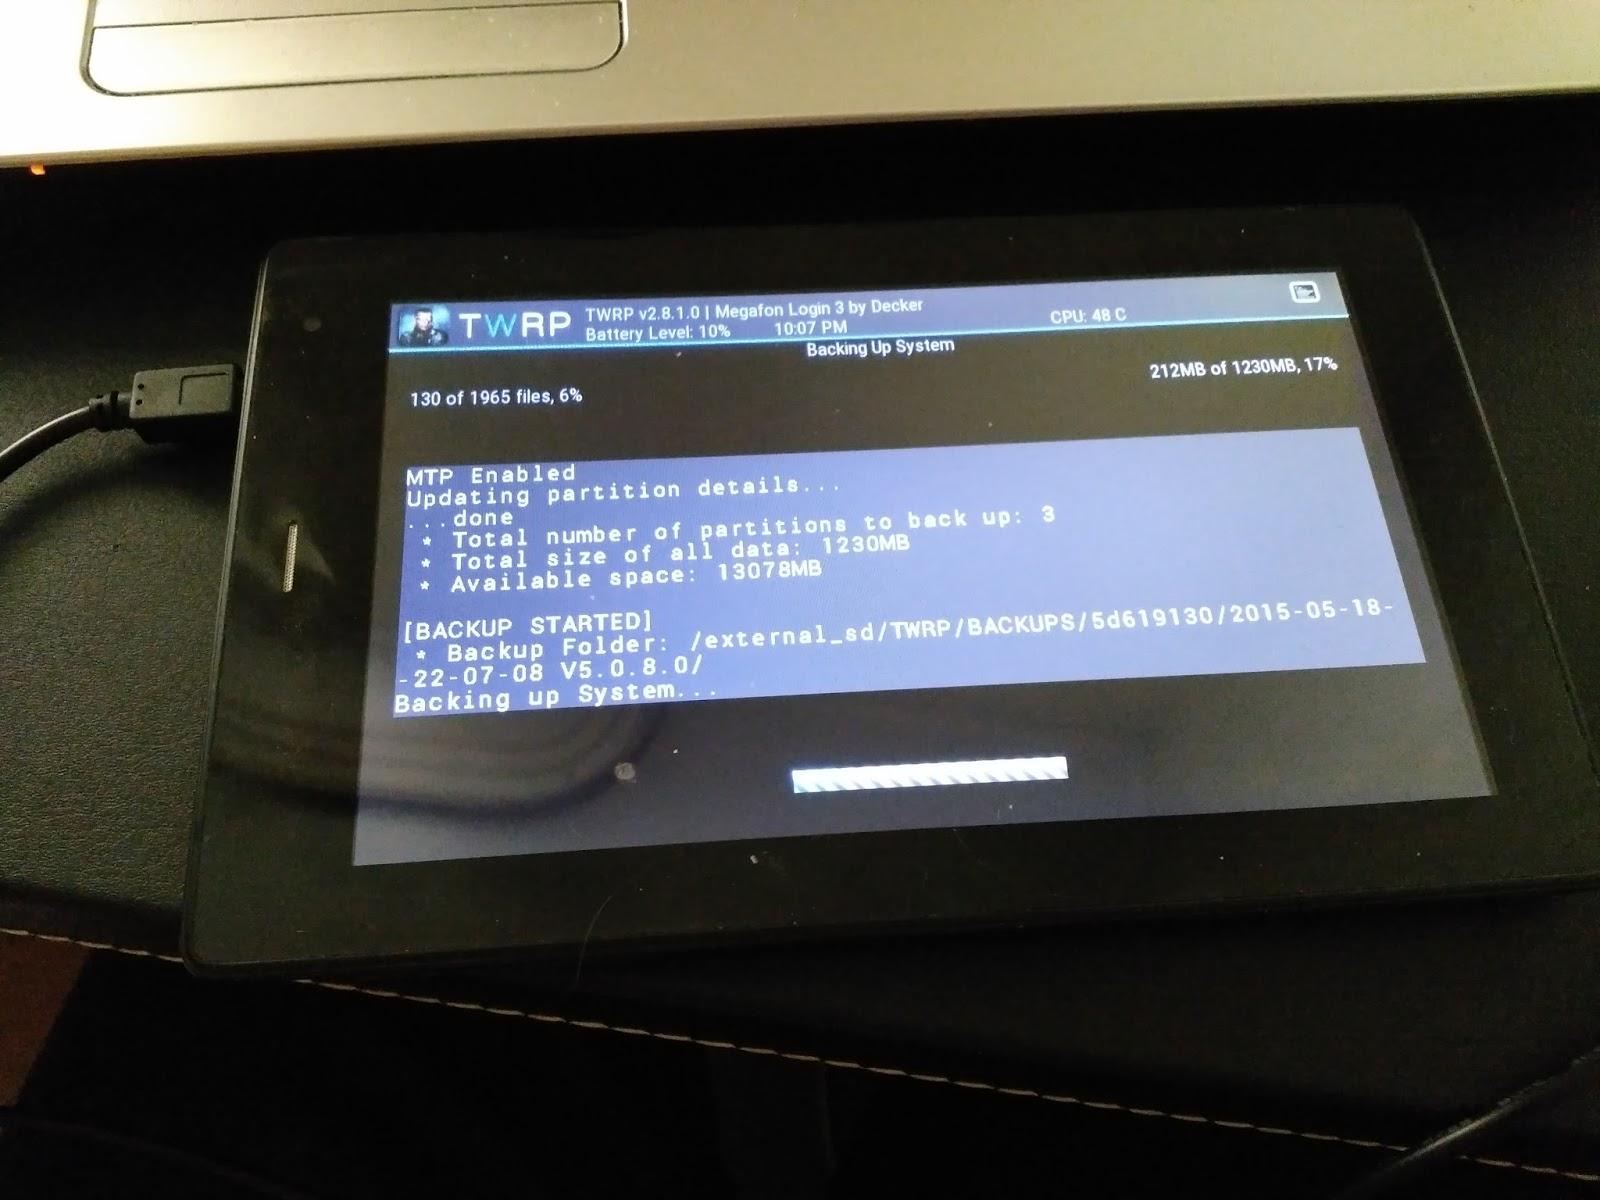 Скачать прошивку на мегафон логин 3 планшет